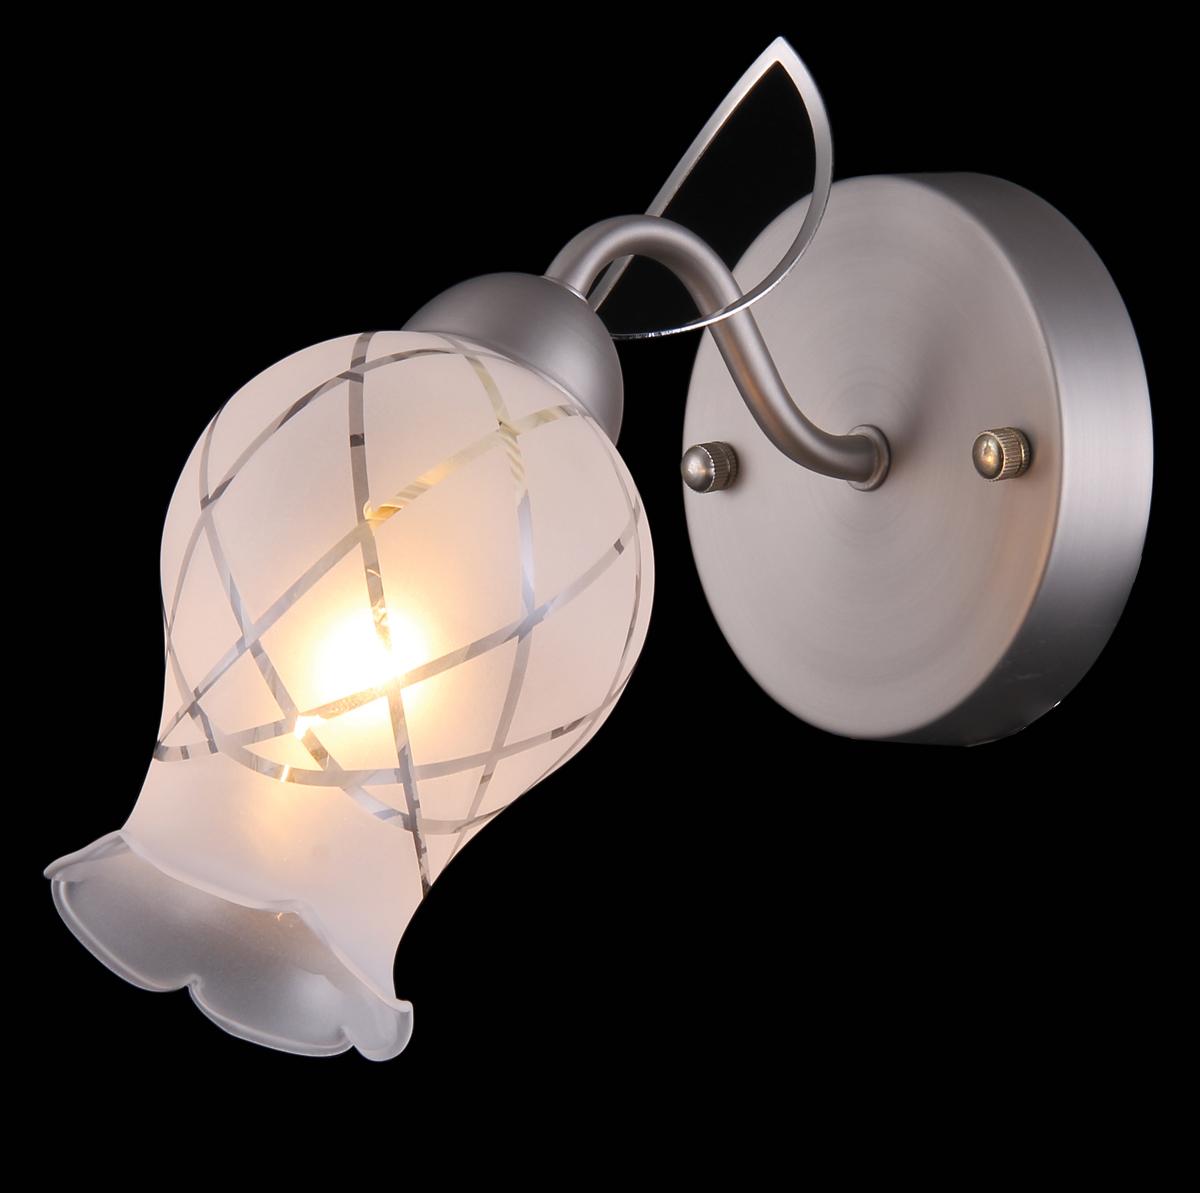 Бра Natali Kovaltseva, 1 х E14, 60W. 11440/1W11440/1W NICKEL, CHROMEБра Natali Kovaltseva, выполненное в классическом стиле, станет украшением вашей комнаты и изысканно дополнит интерьер. Изделие крепится к стене. Такое бра отлично подойдет для освещения кабинета, спальни или гостиной. Бра выполнено из никеля с матовой хромированной поверхностью, плафон изготовлен из стекла в виде бутона цветка. Бра предназначено для использования в питающей сети переменного тока с номинальным напряжением 220 В и частотой 50 Гц. В коллекциях Natali Kovaltseva представлены разные стили - от классики до хайтека. Дизайн и технологическая составляющая продукции разрабатывается в R&D центре компании, который находится в г. Дюссельдорф, Германия. При производстве продукции используются высококачественные и эксклюзивные материалы: хрусталь ASFOR, муранское стекло, перламутр, 24-каратное золото, бронза. Производство светильников соответствует стандарту системы менеджмента качества ISO 9001-2000. На всю продукцию ТМ Natali Kovaltseva распространяется гарантия.